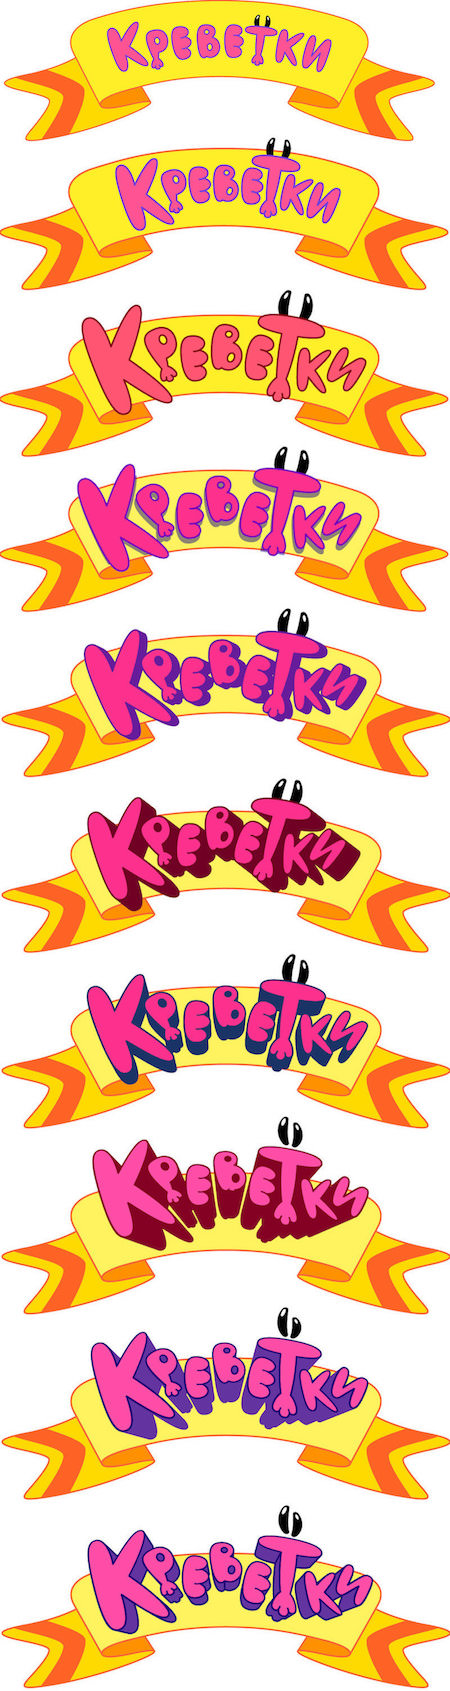 Копия Logo 2